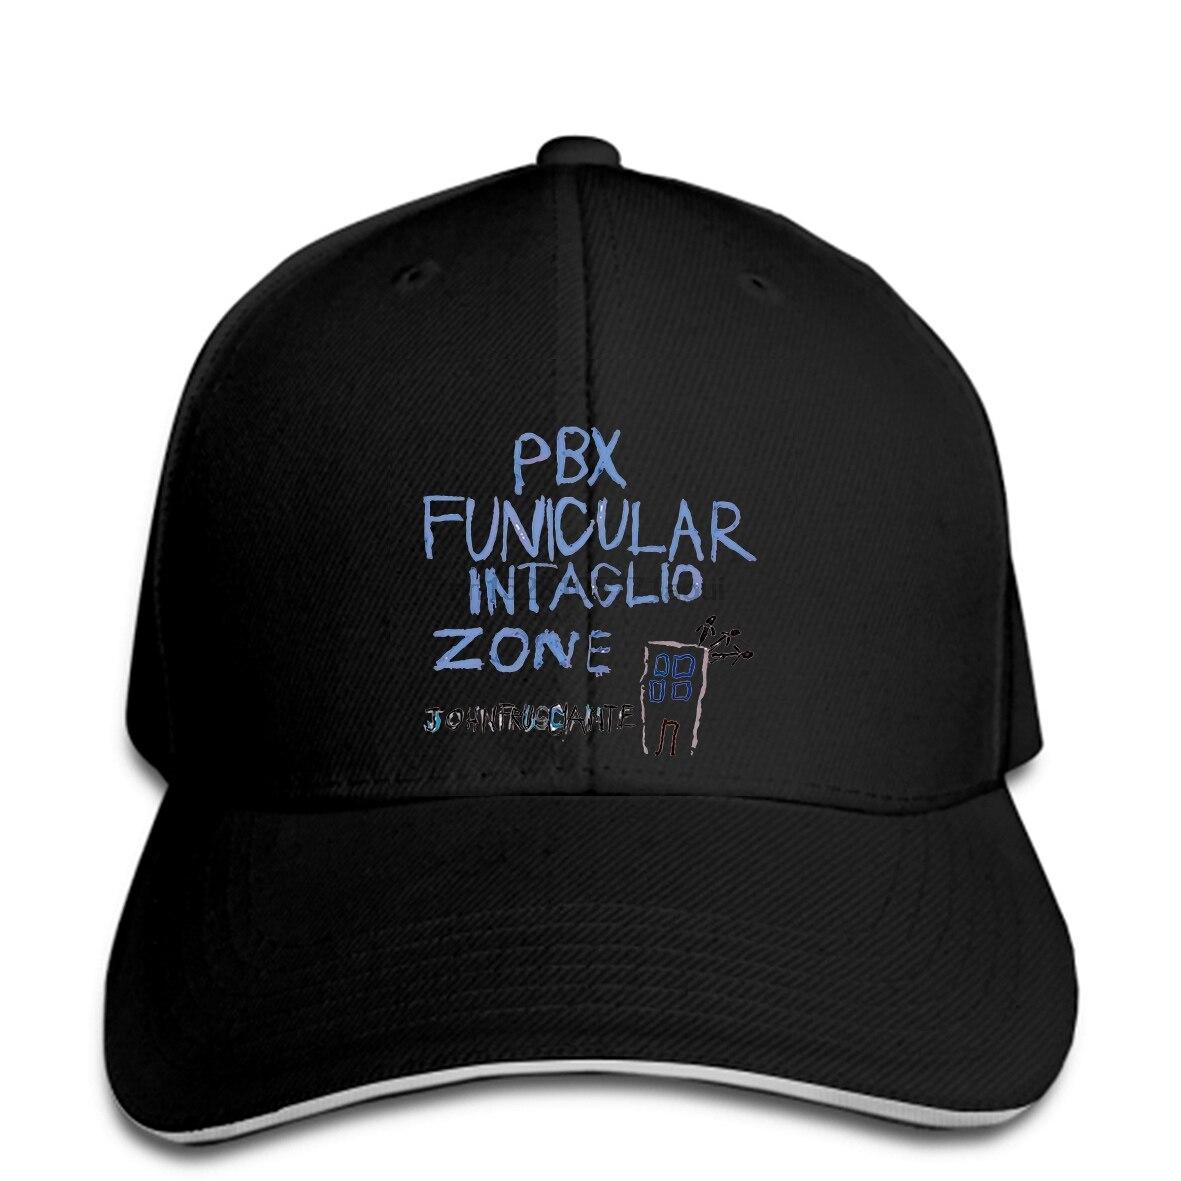 قبعة بيسبول جون فروسيانتي Pbx الفطرية Intaglio قبعات رجالي